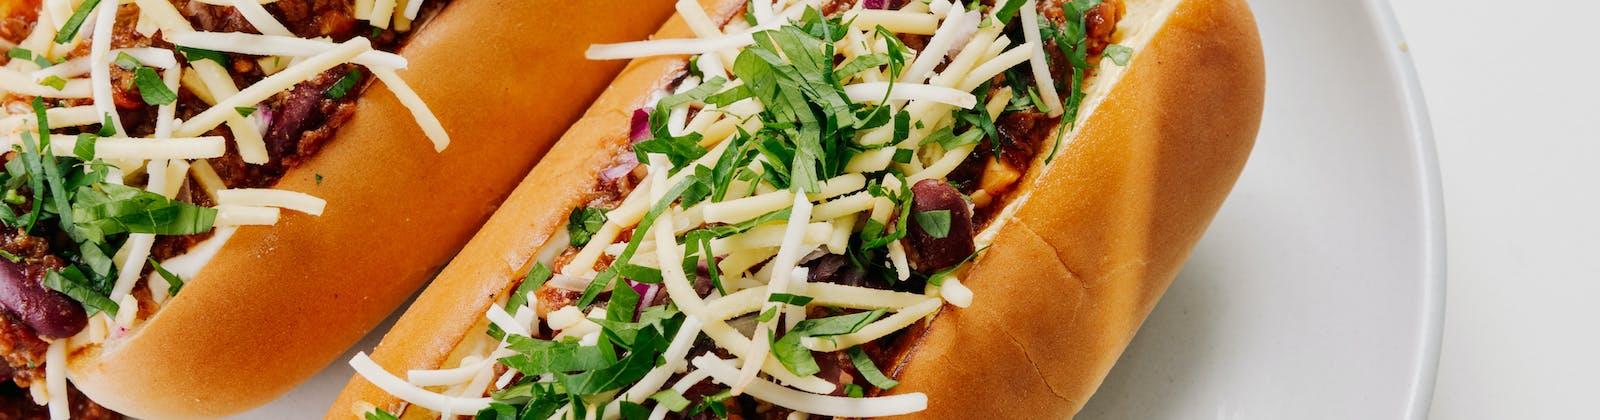 vegan chilli hot dogs